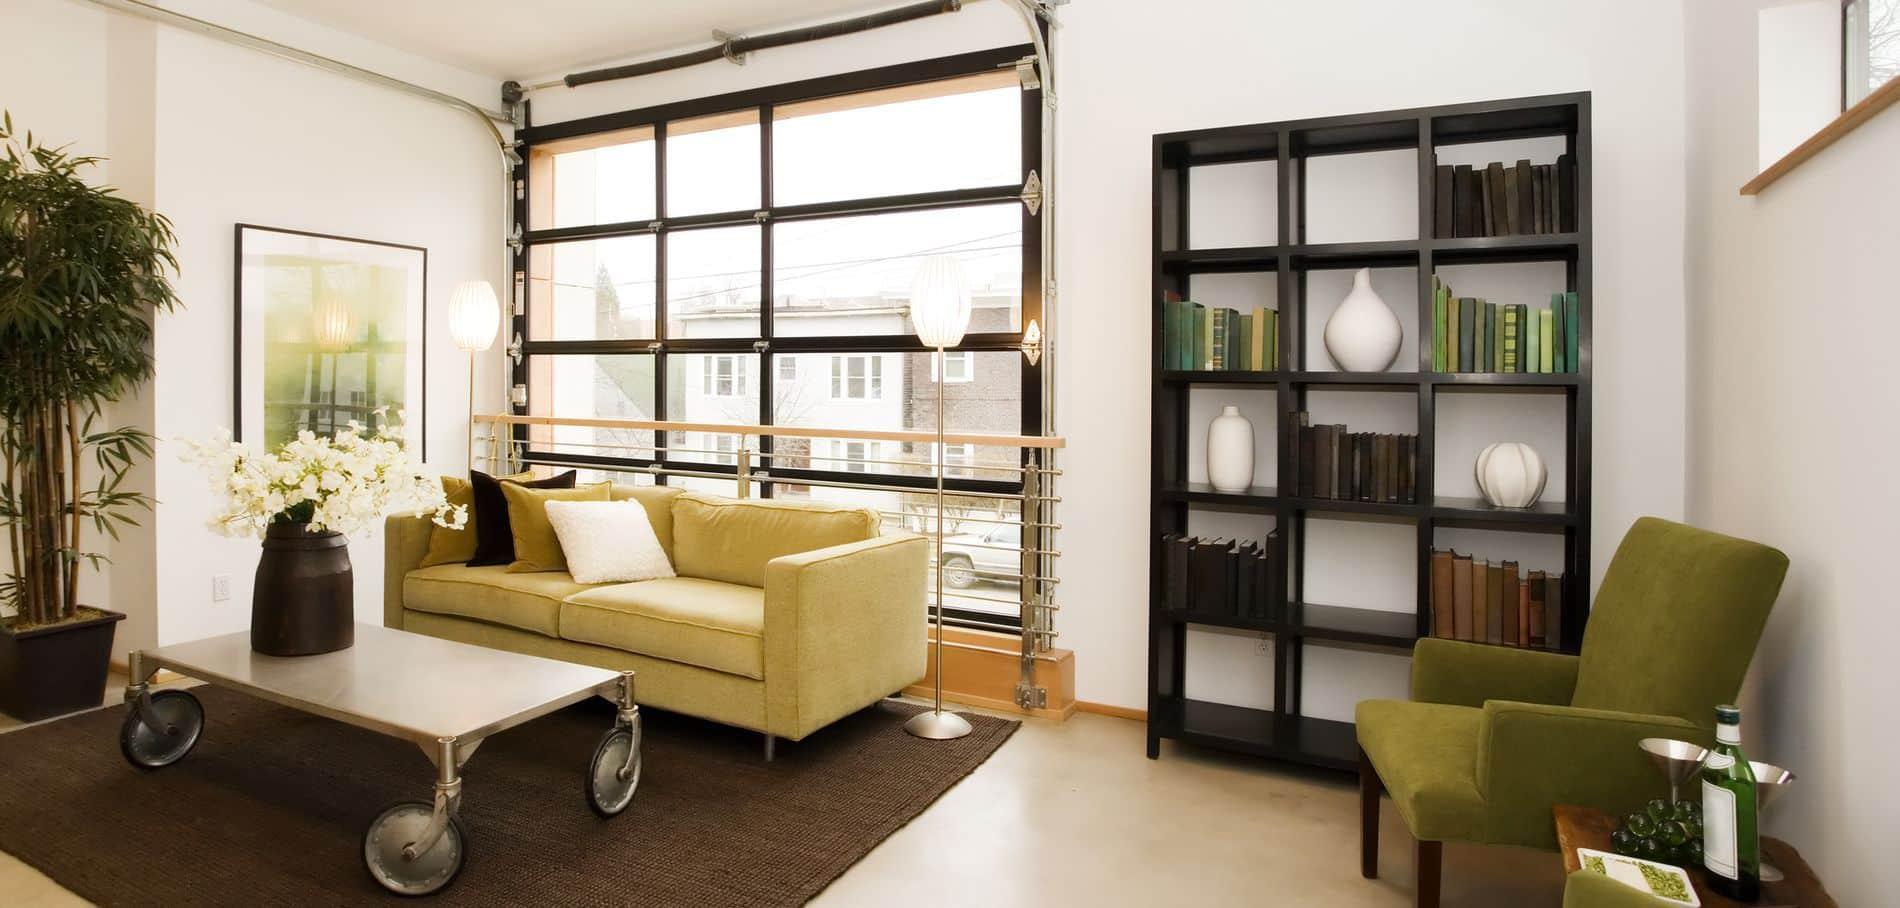 Un loft bien aménagé par un architecte